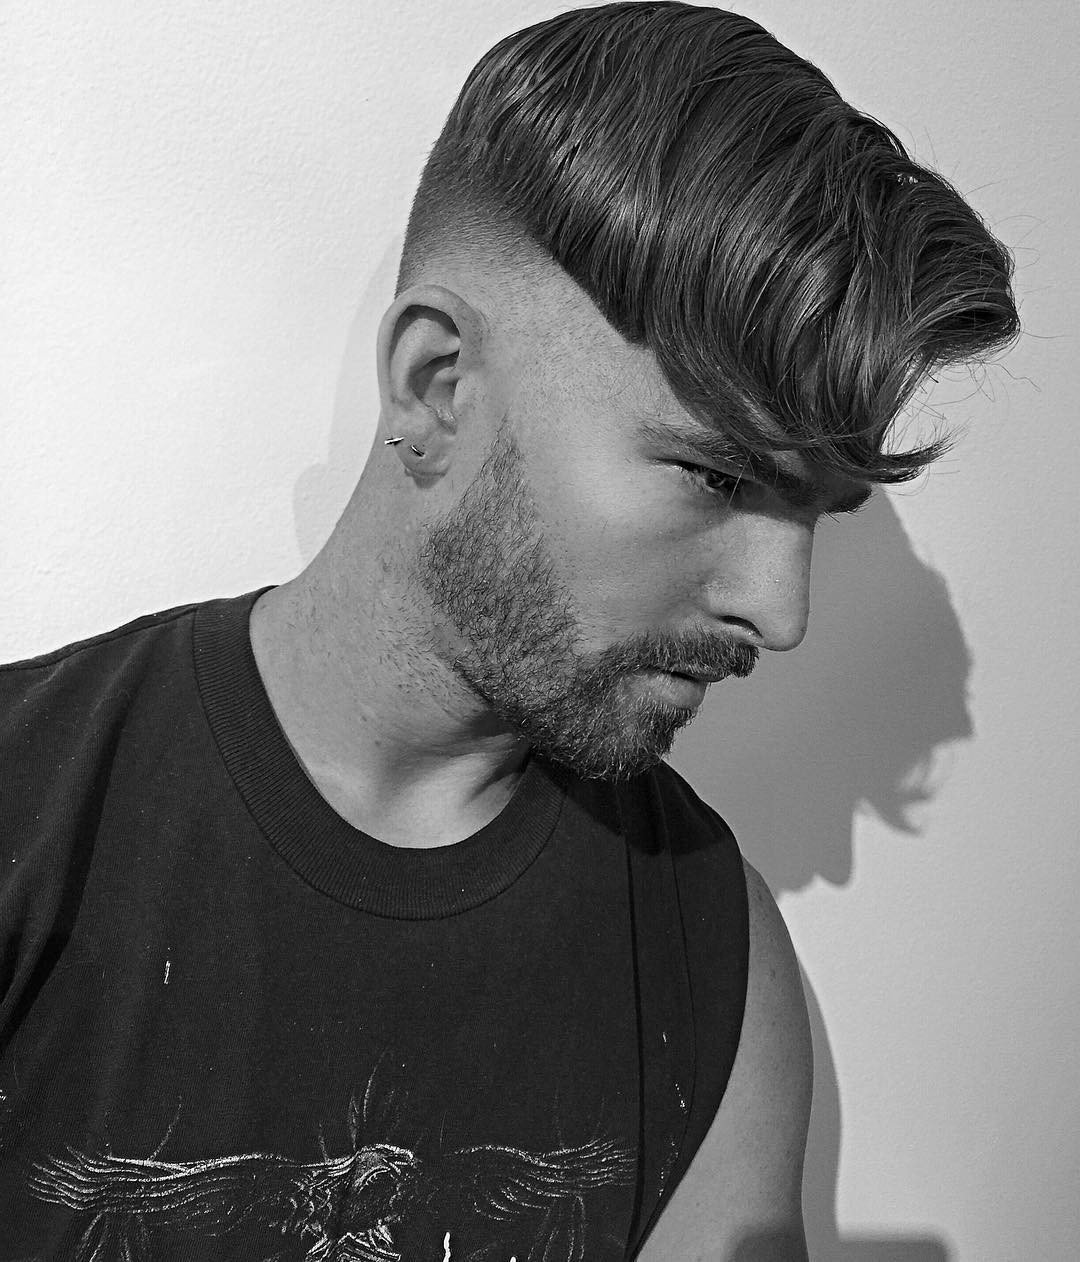 Причёска характерна короткими волосами по всей голове.